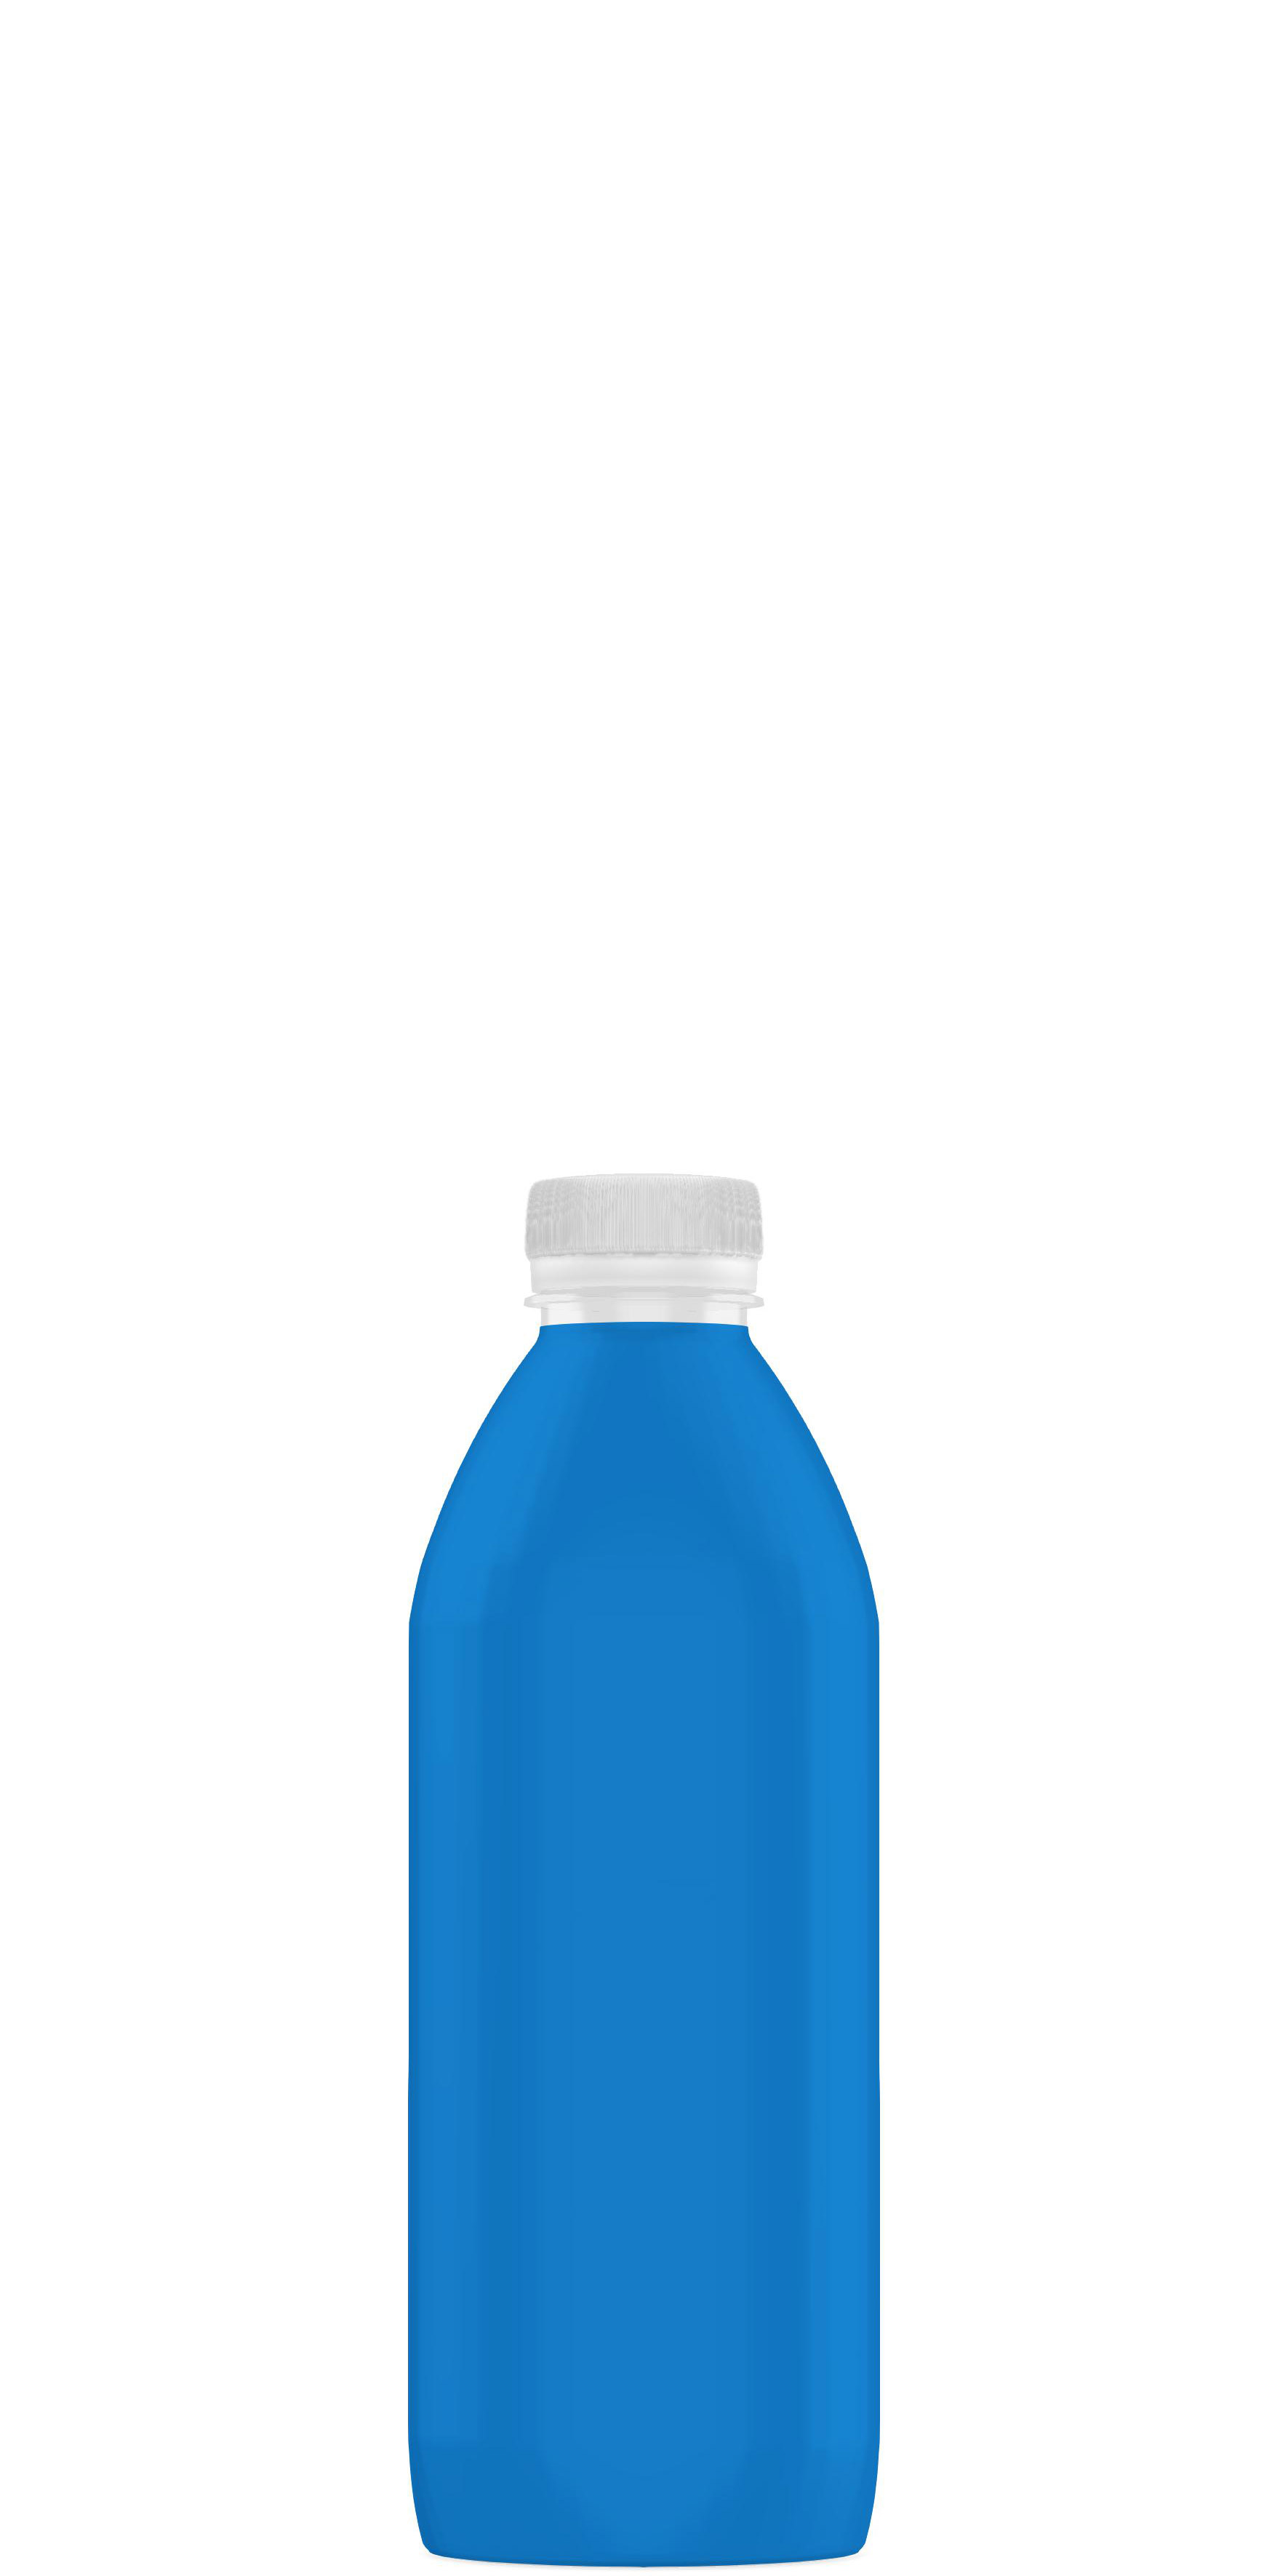 Forme emballage eaux minérales aromatisées 370ml à 750ml